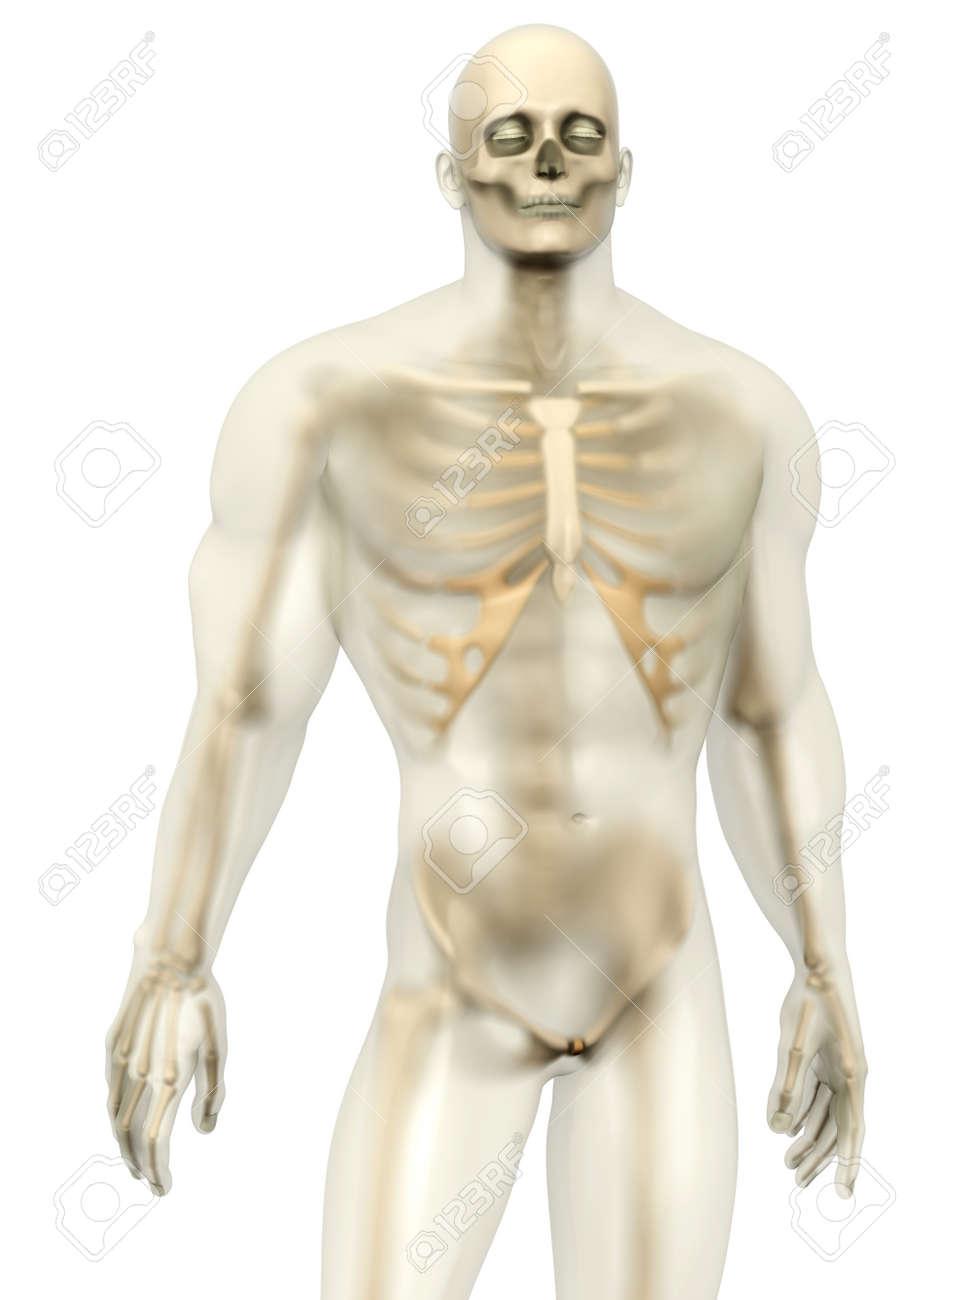 3D-Visualisierung Der Menschlichen Anatomie. Ein Skelett In Einem ...